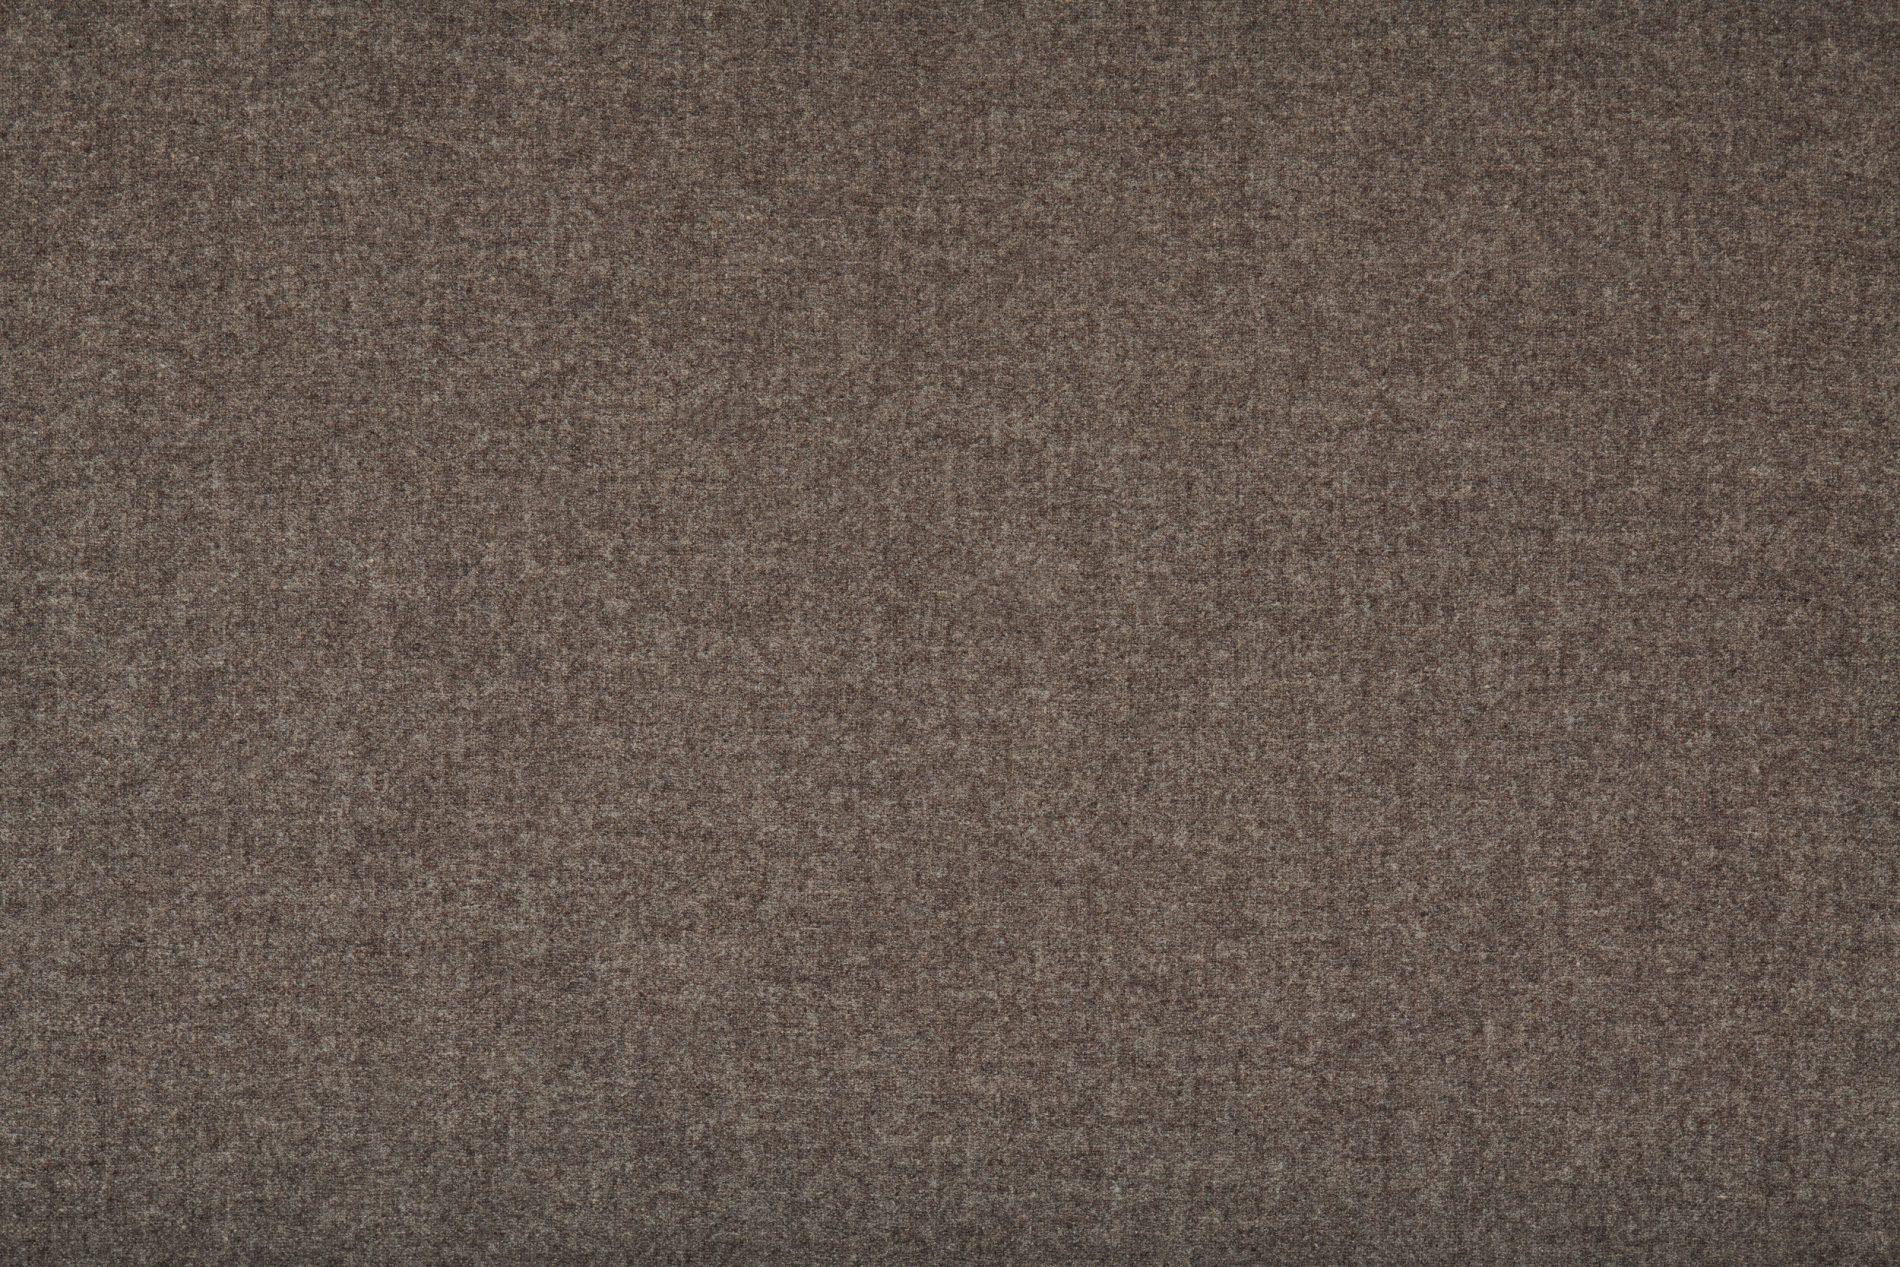 PURE 540 Plain Merino wool (16/5003)